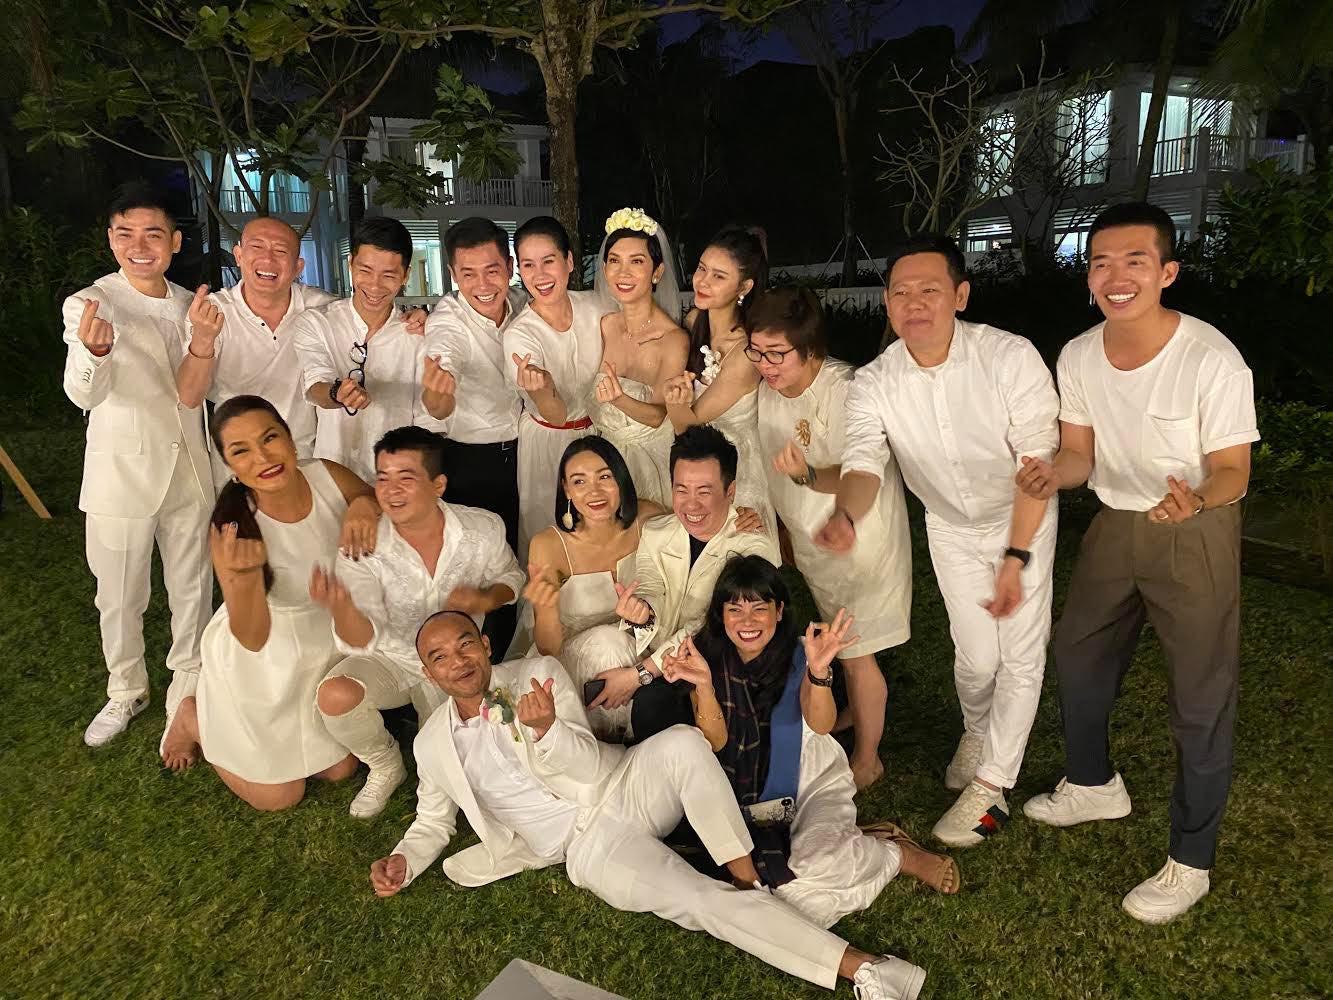 Siêu mẫu Xuân Lan làm đám cưới bí mật tại resort sang trọng hàng đầu thế giới dành cho gia đình - Ảnh 2.